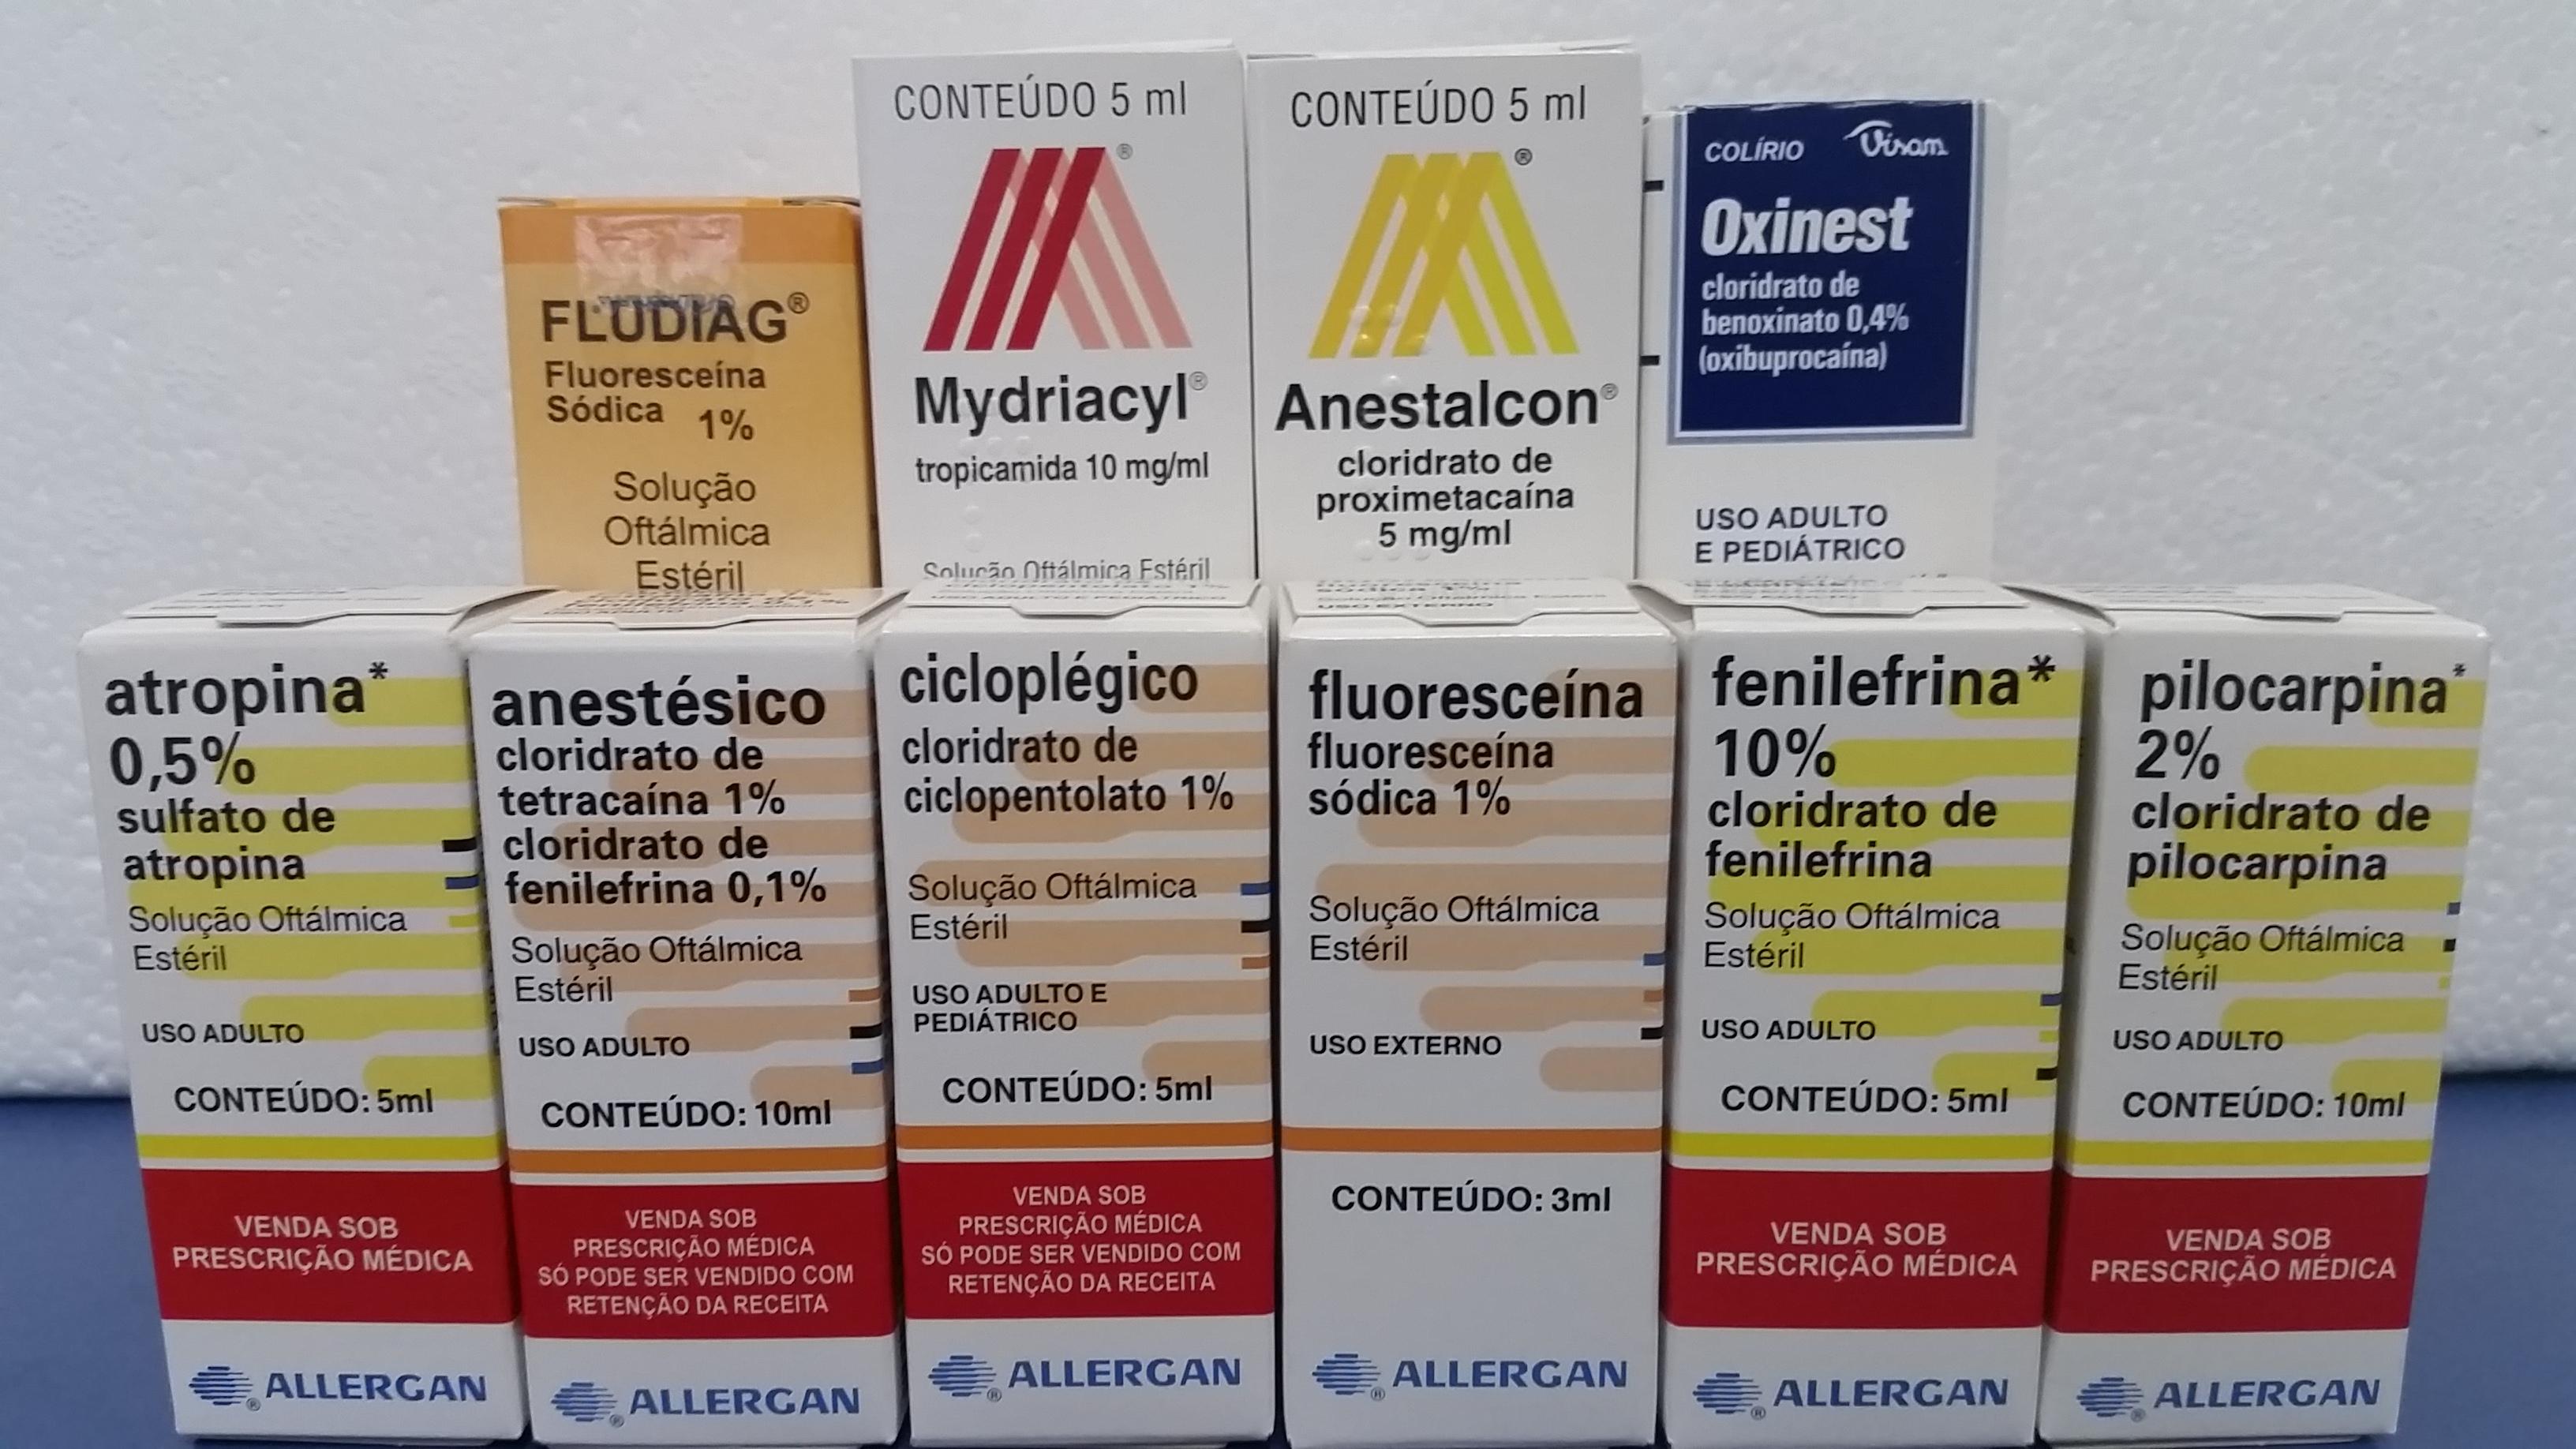 colírios